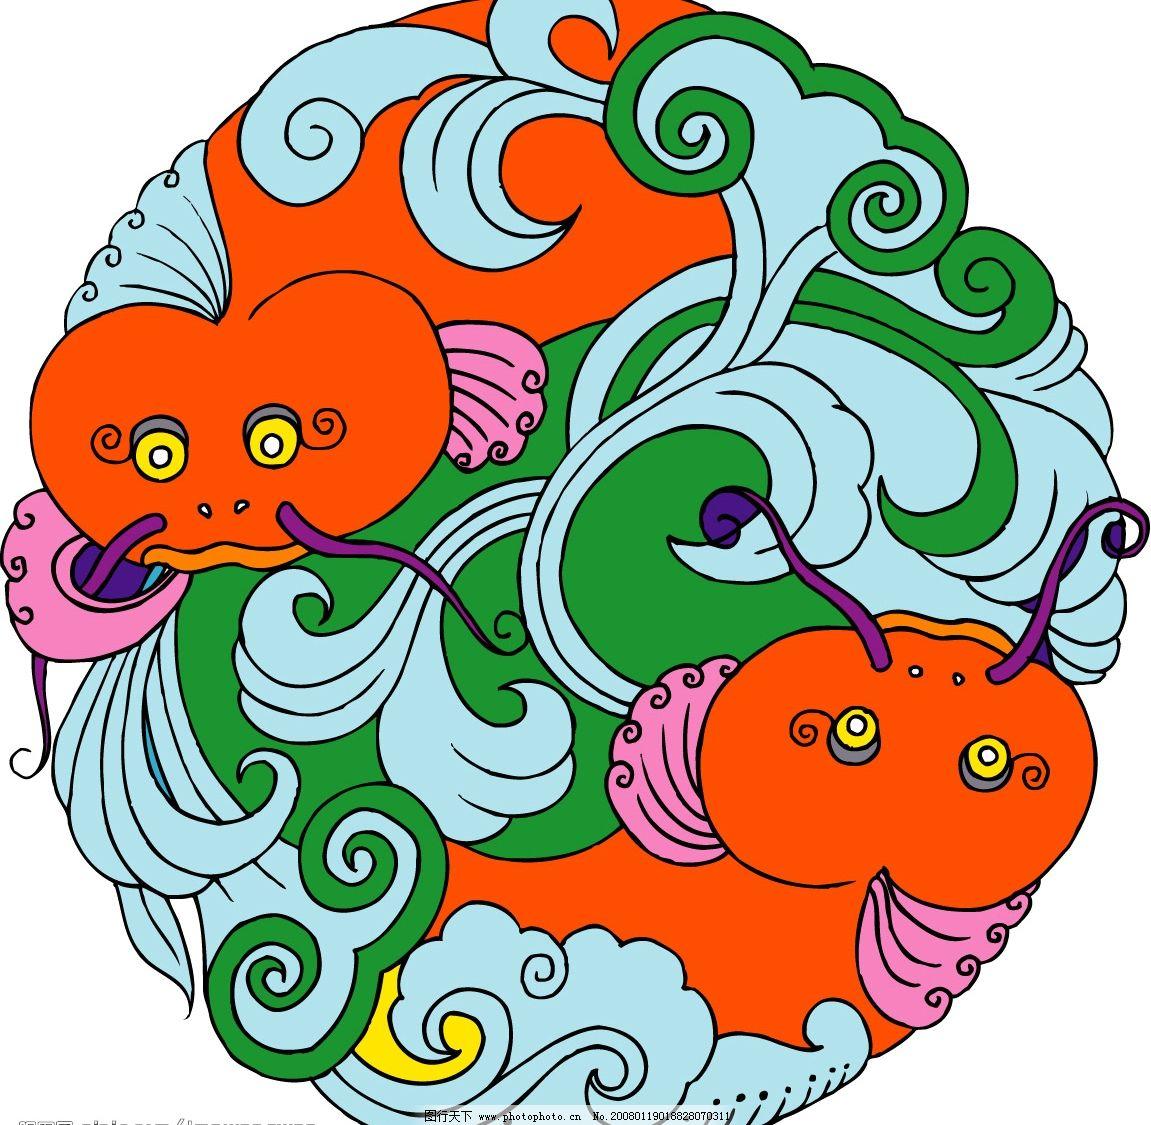 鲤鱼 鲤鱼b-024 花纹 矢量素材